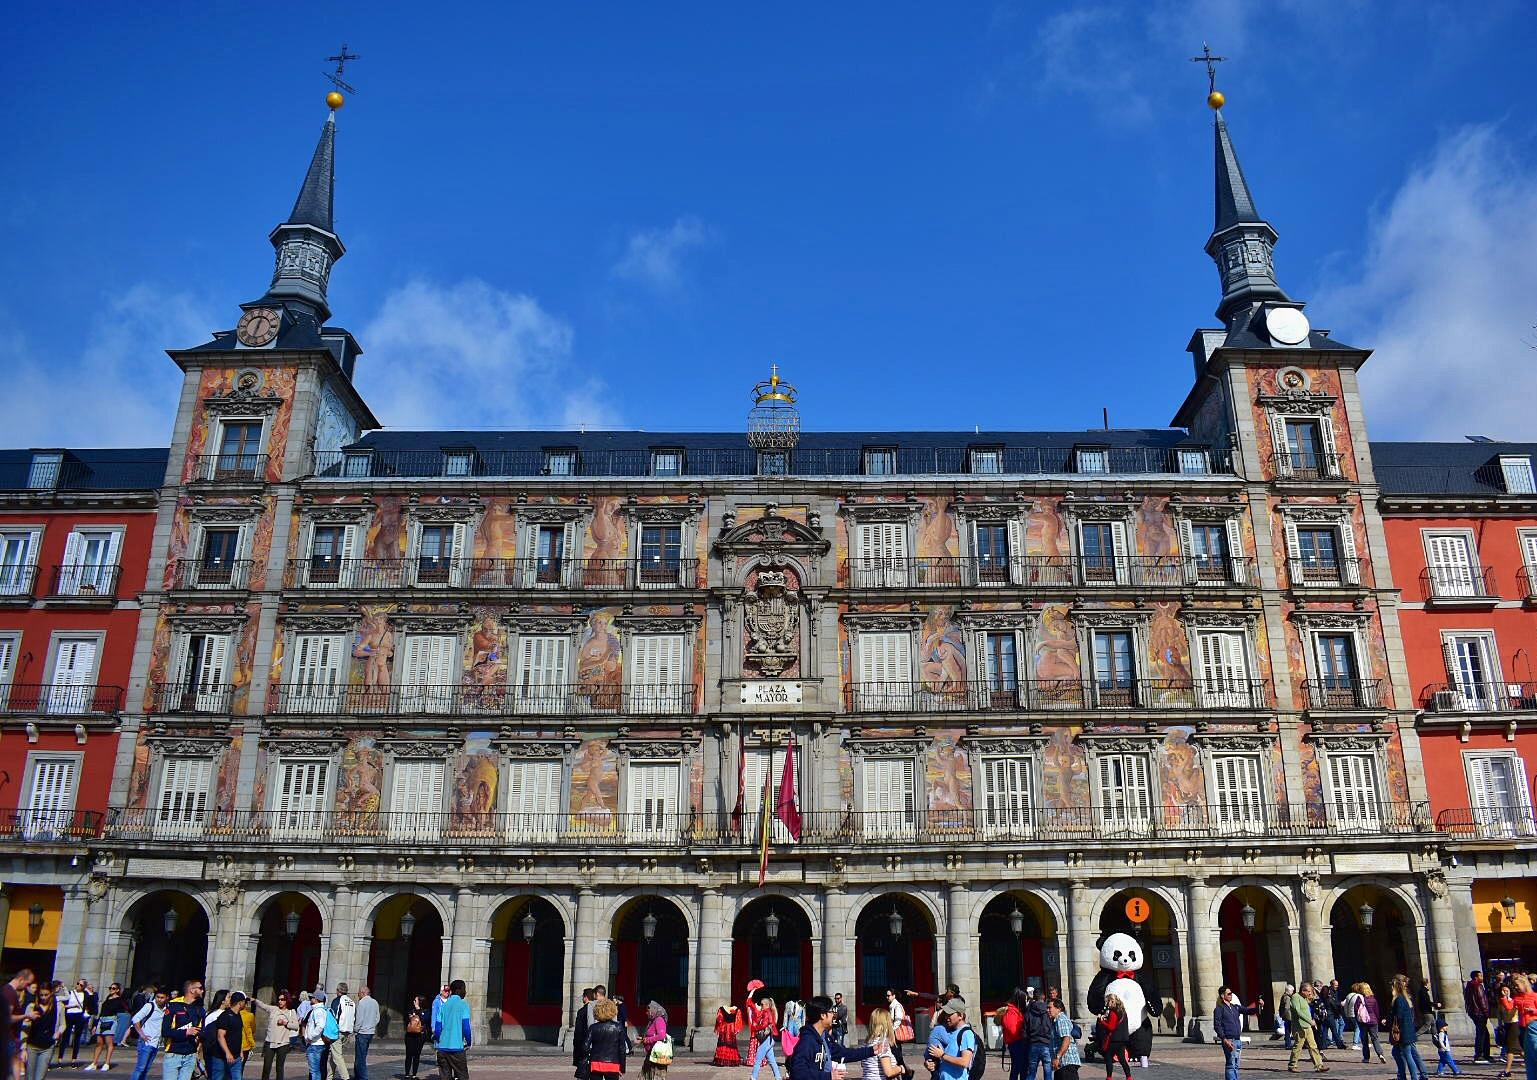 Plaza Major in Madrid